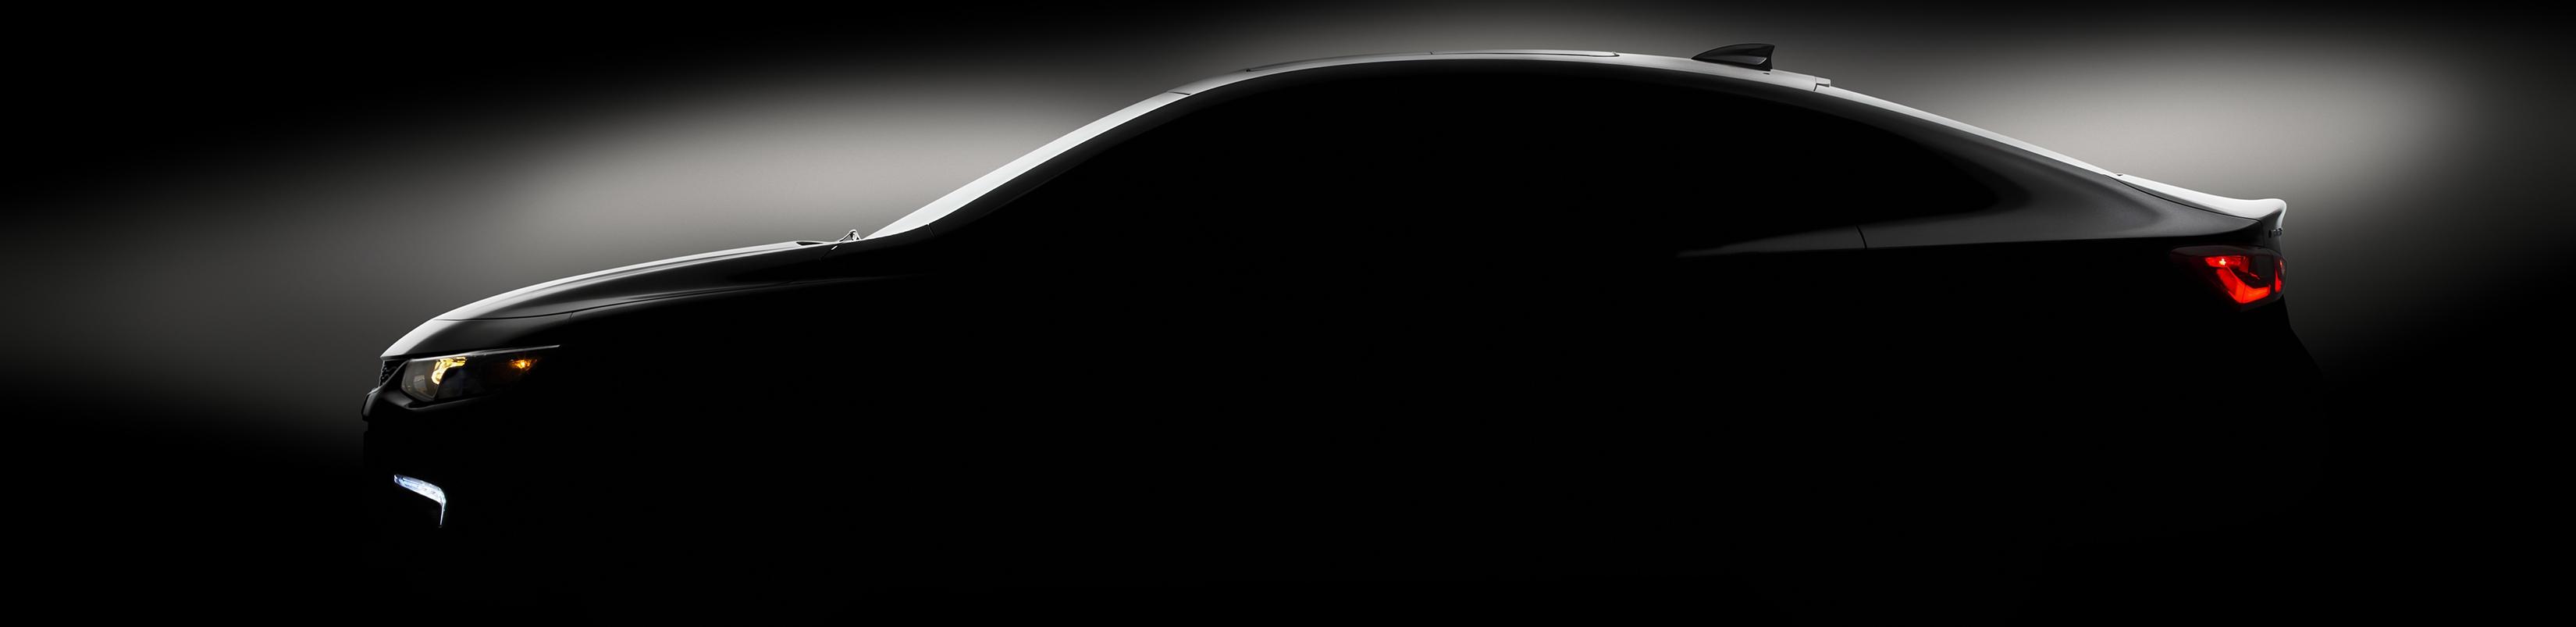 2016-Chevrolet-Malibu-001.jpg